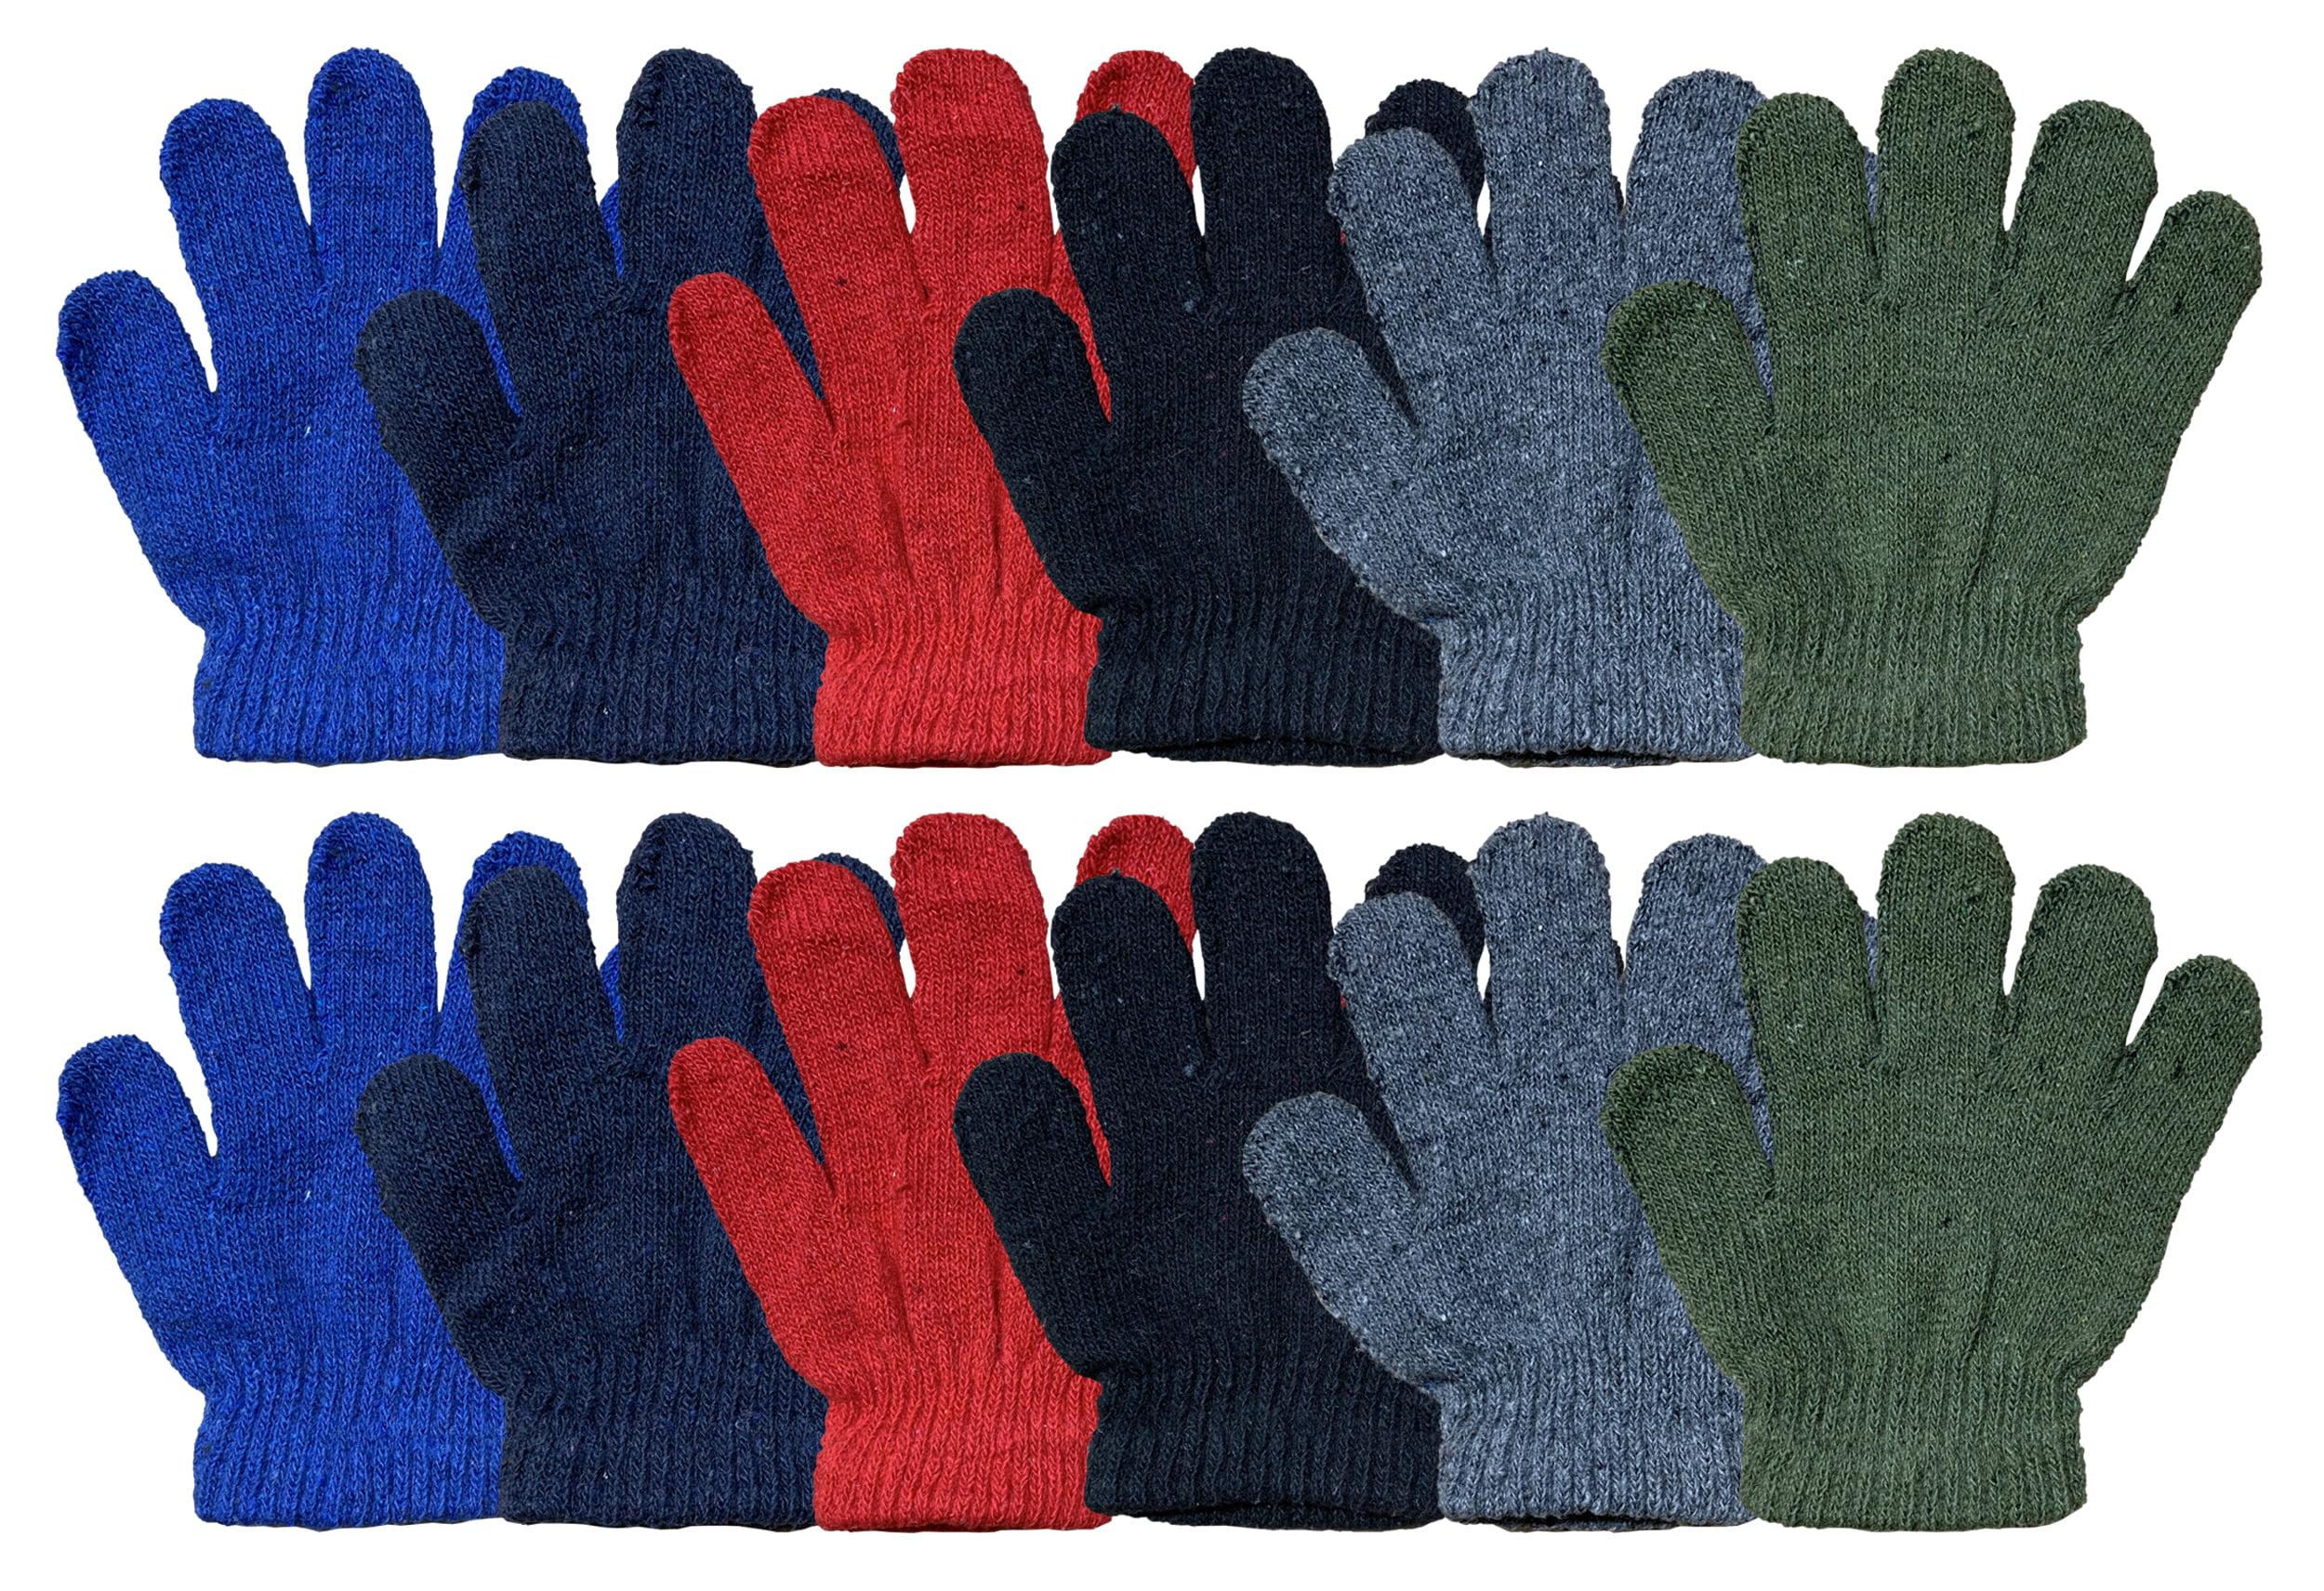 Children Stretchy Warm Knit Glovers LIMARIO Kids Winter Warm Magic Gloves